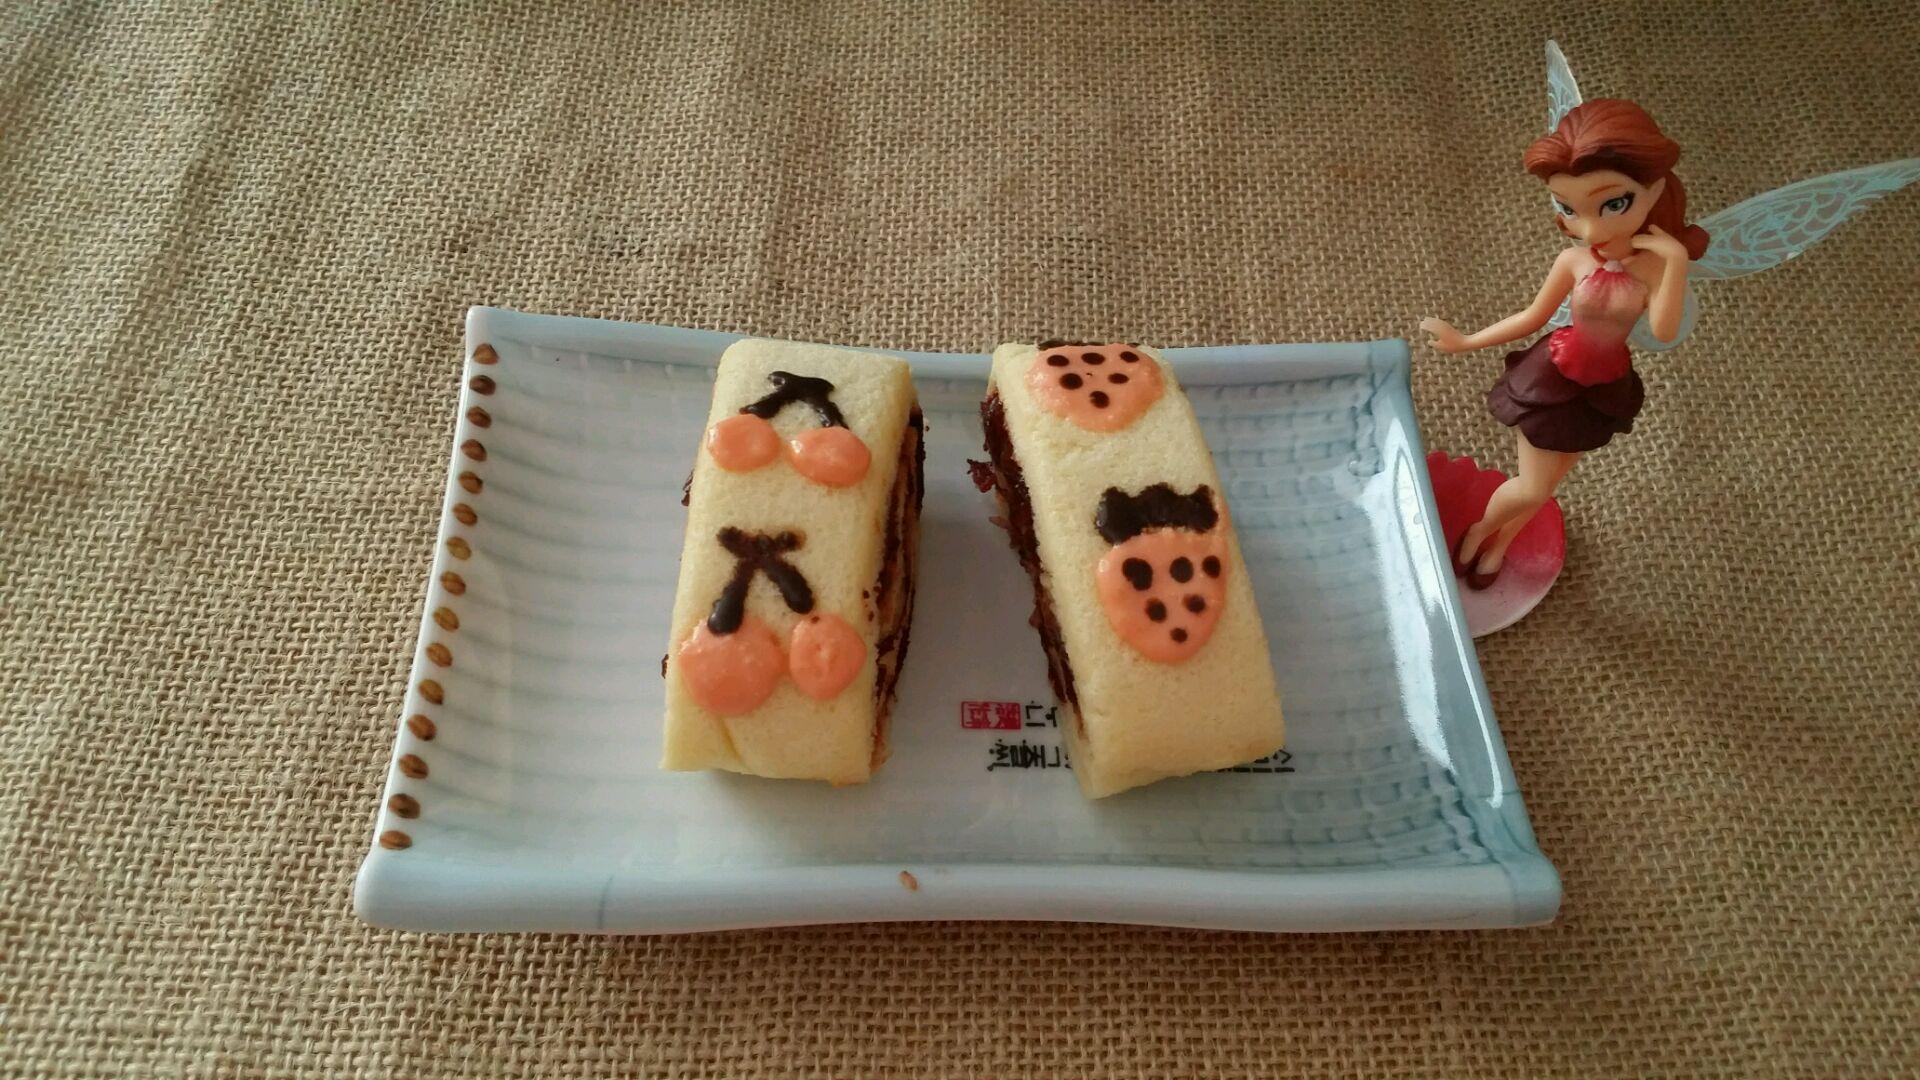 萌萌的手绘毛巾卷蛋糕